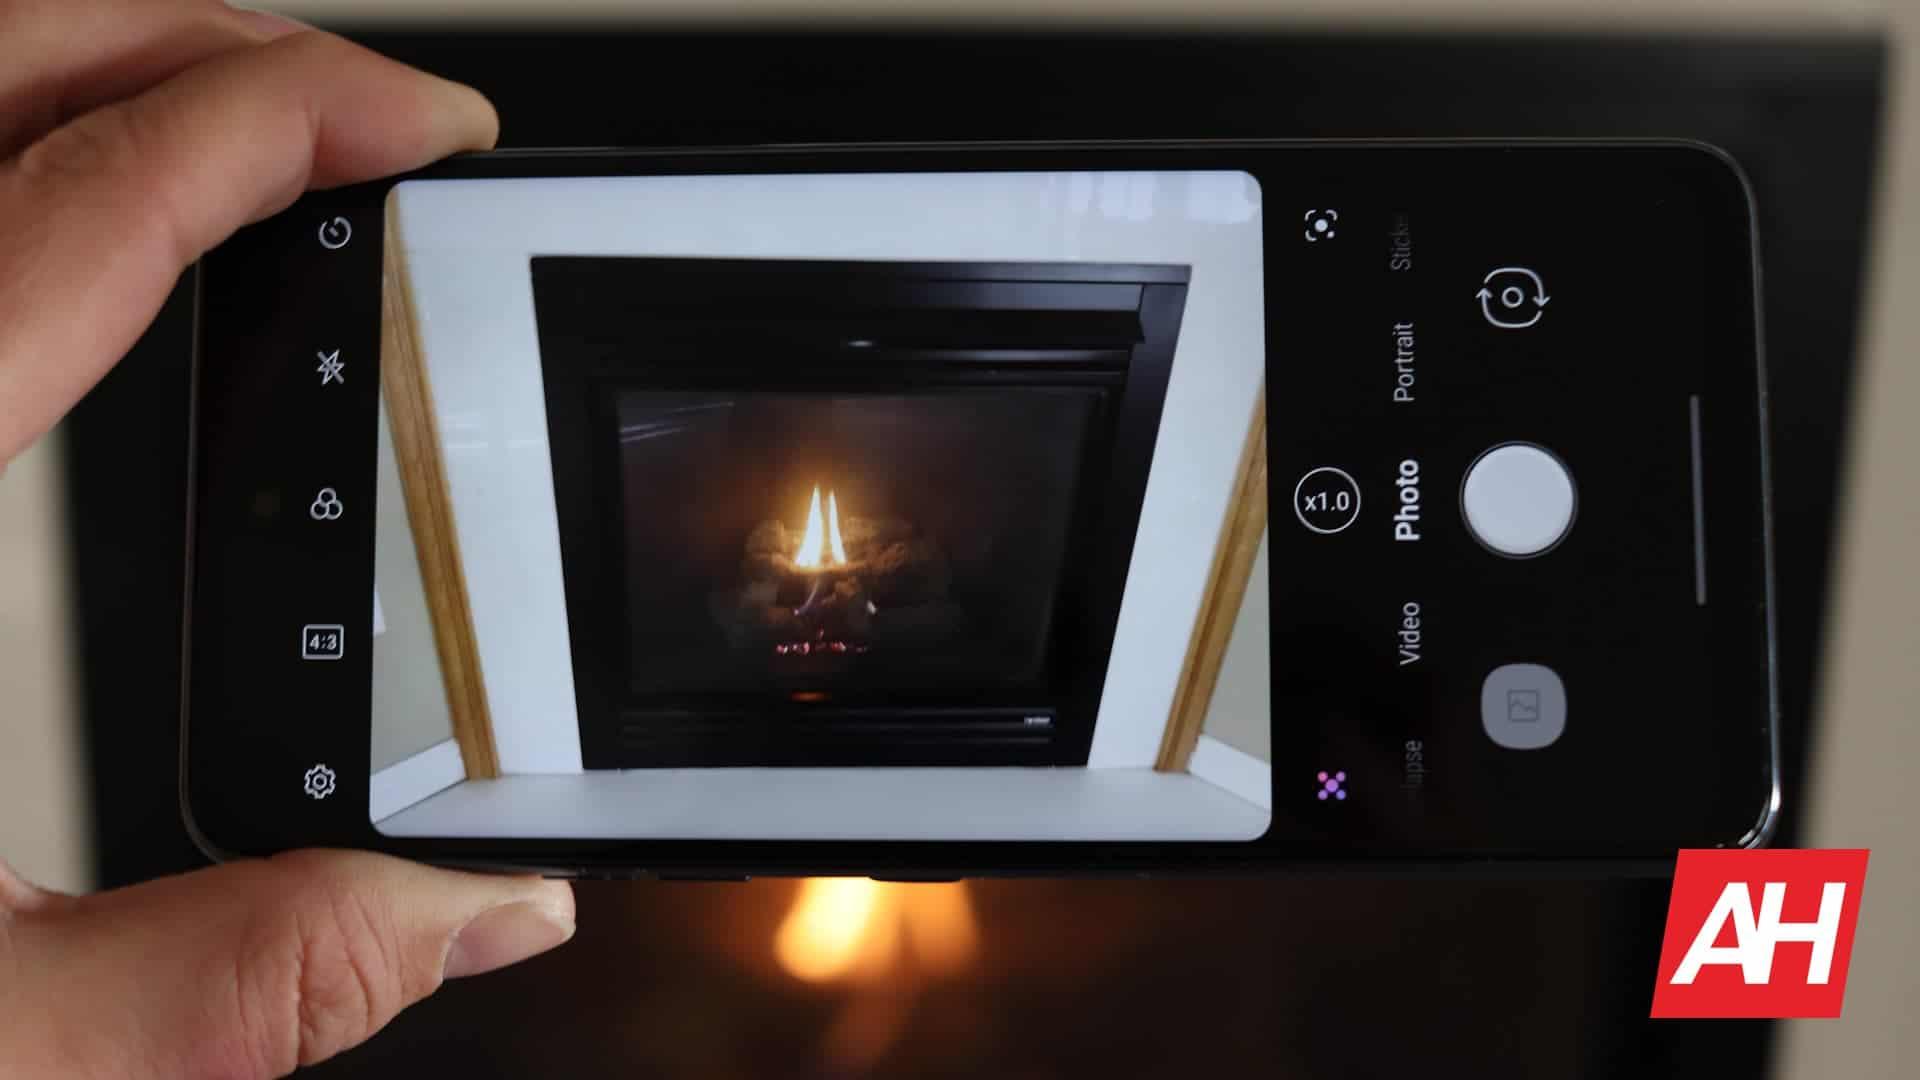 04 LG K92 5G Review Camera DG AH 2020